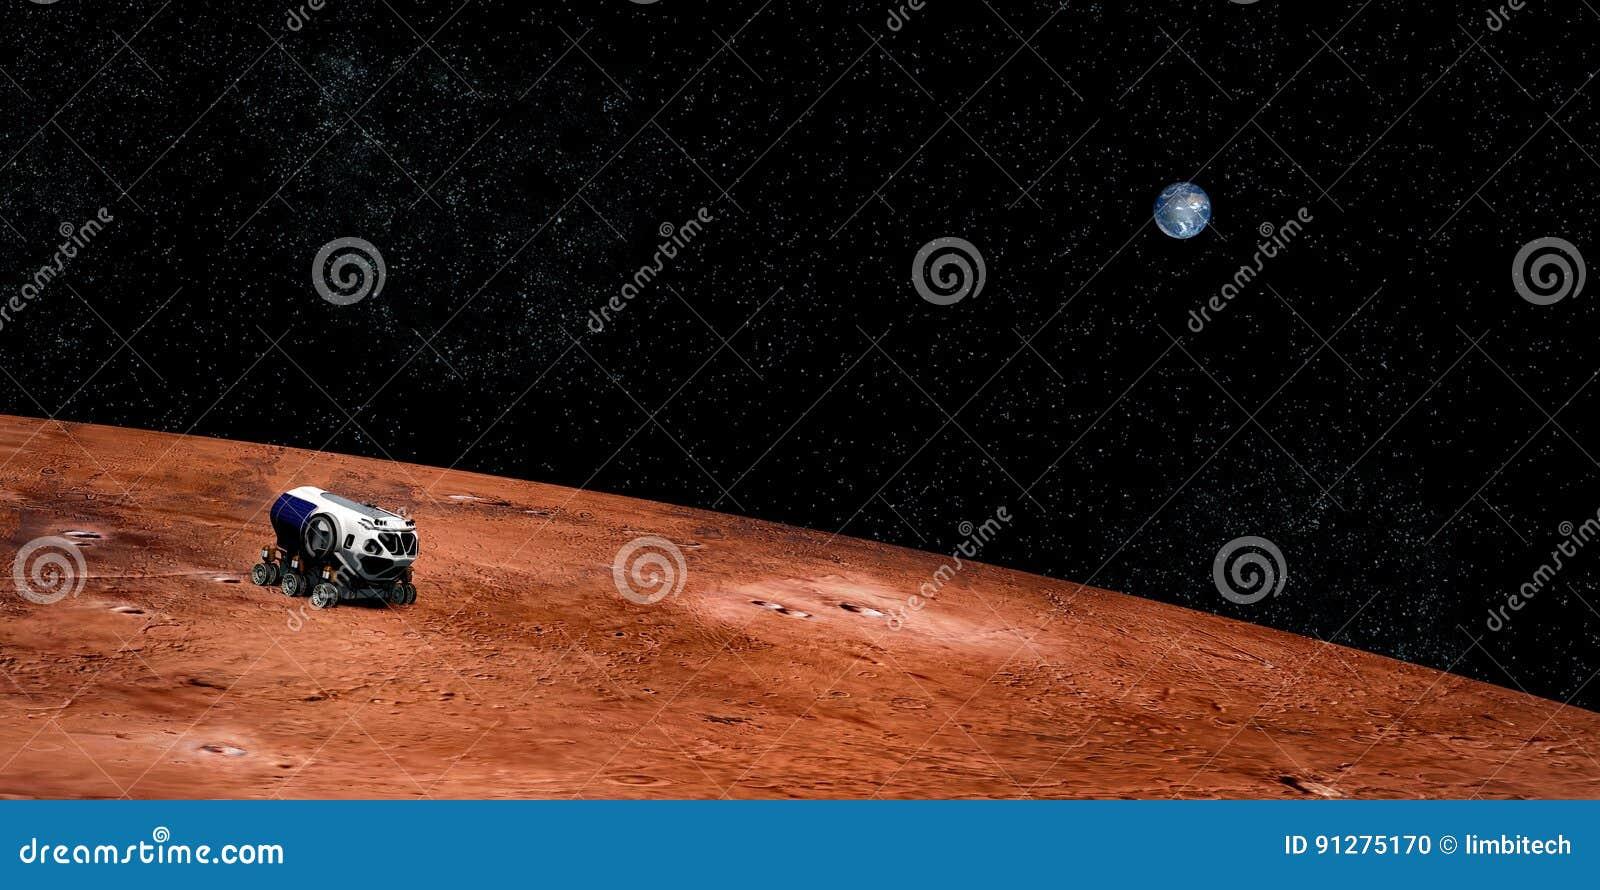 Niezwykle realistyczny i szczegółowy wysoka rozdzielczość 3D wizerunek eksploracja przestrzeni kosmicznej pojazd na Mars Strzelaj